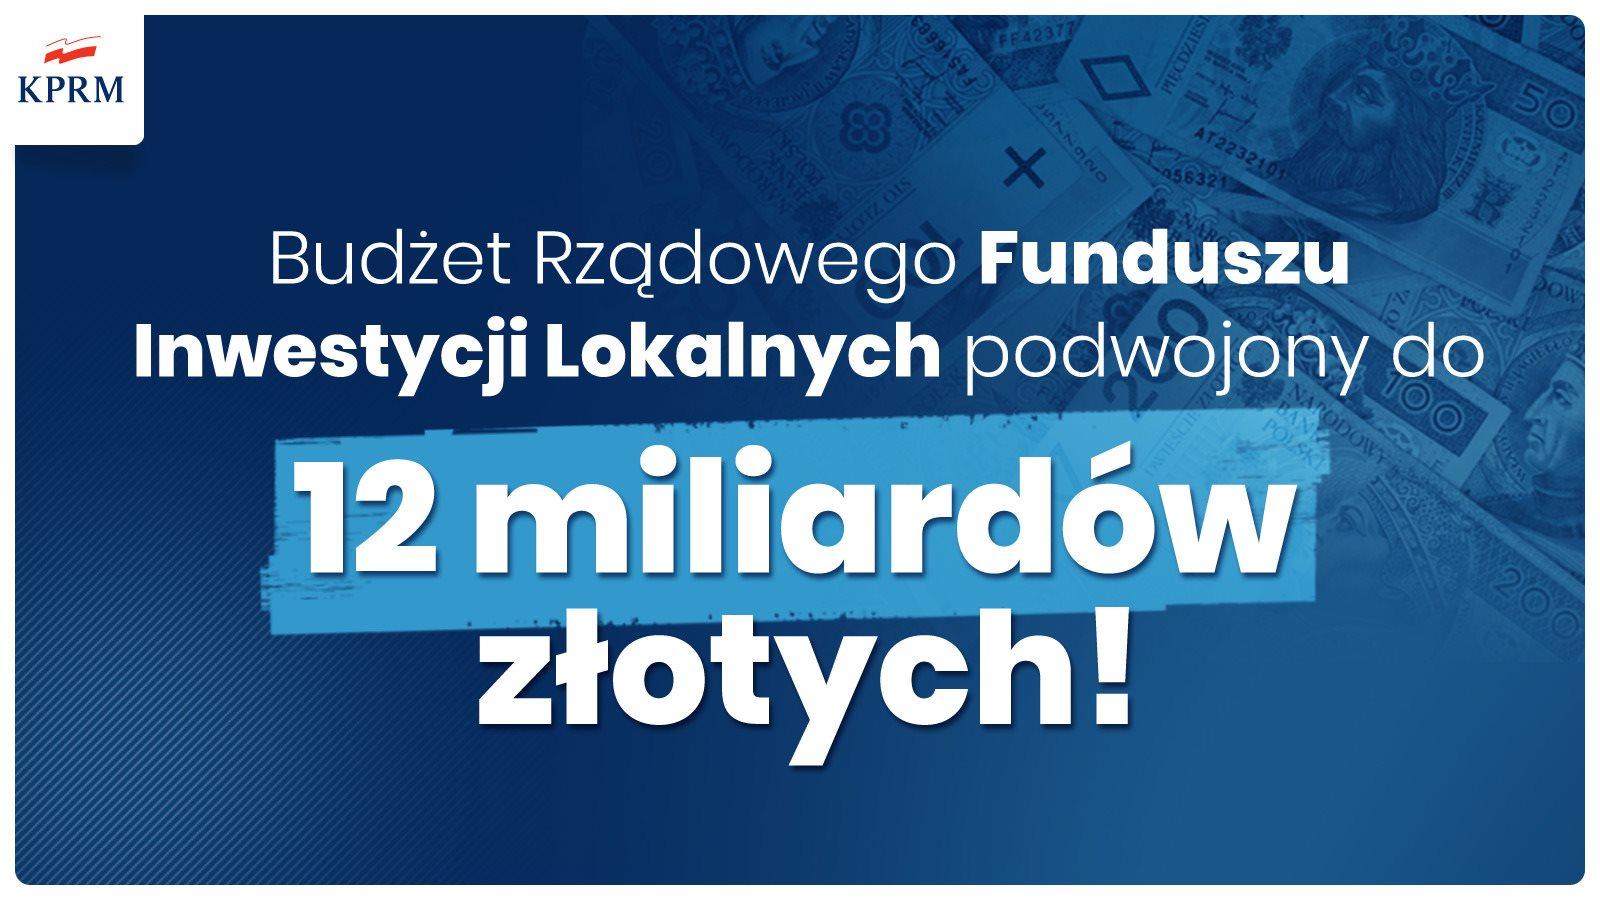 Rządowy Fundusz Inwestycji Lokalnych podwojony do 12 mld zł!